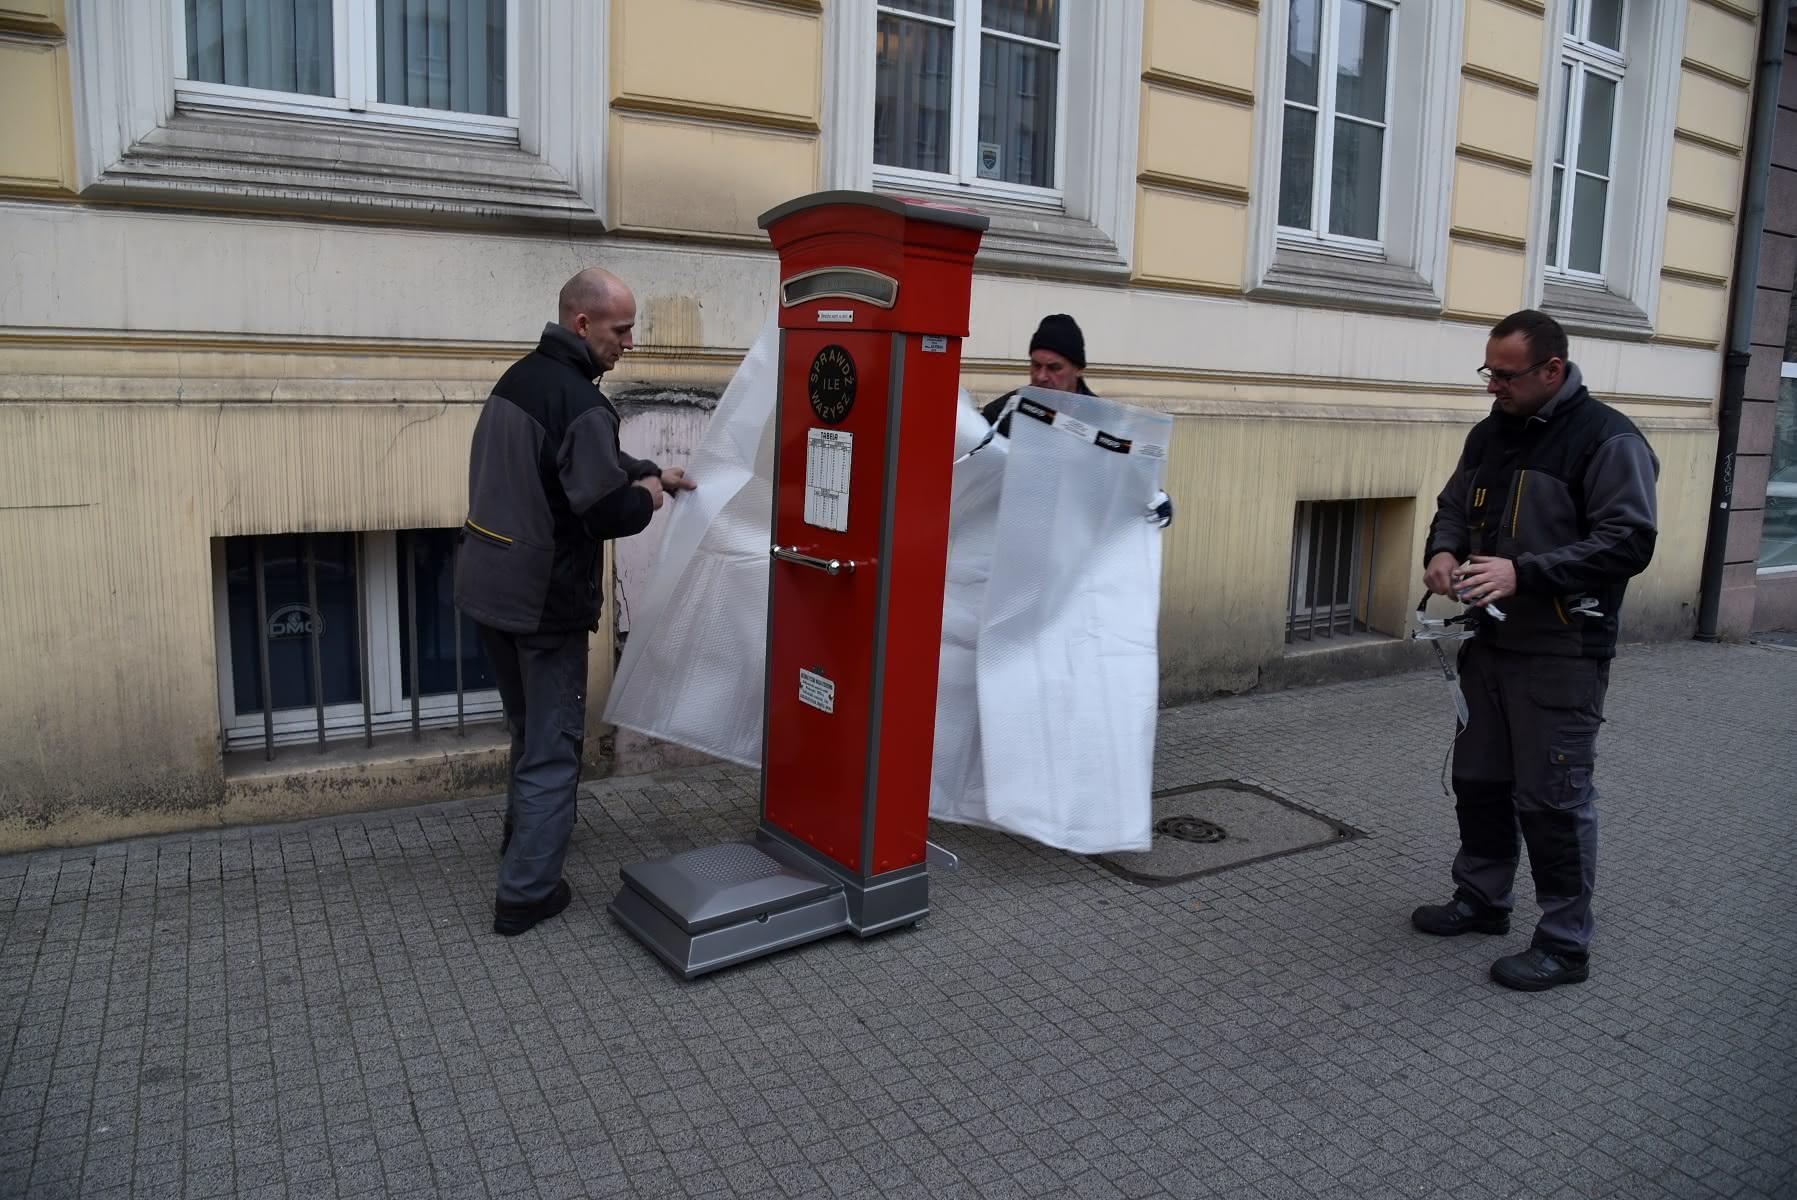 Zabytkowa waga na Alejach Marcinkowskiego  Foto: R. Bączkowski / UMP